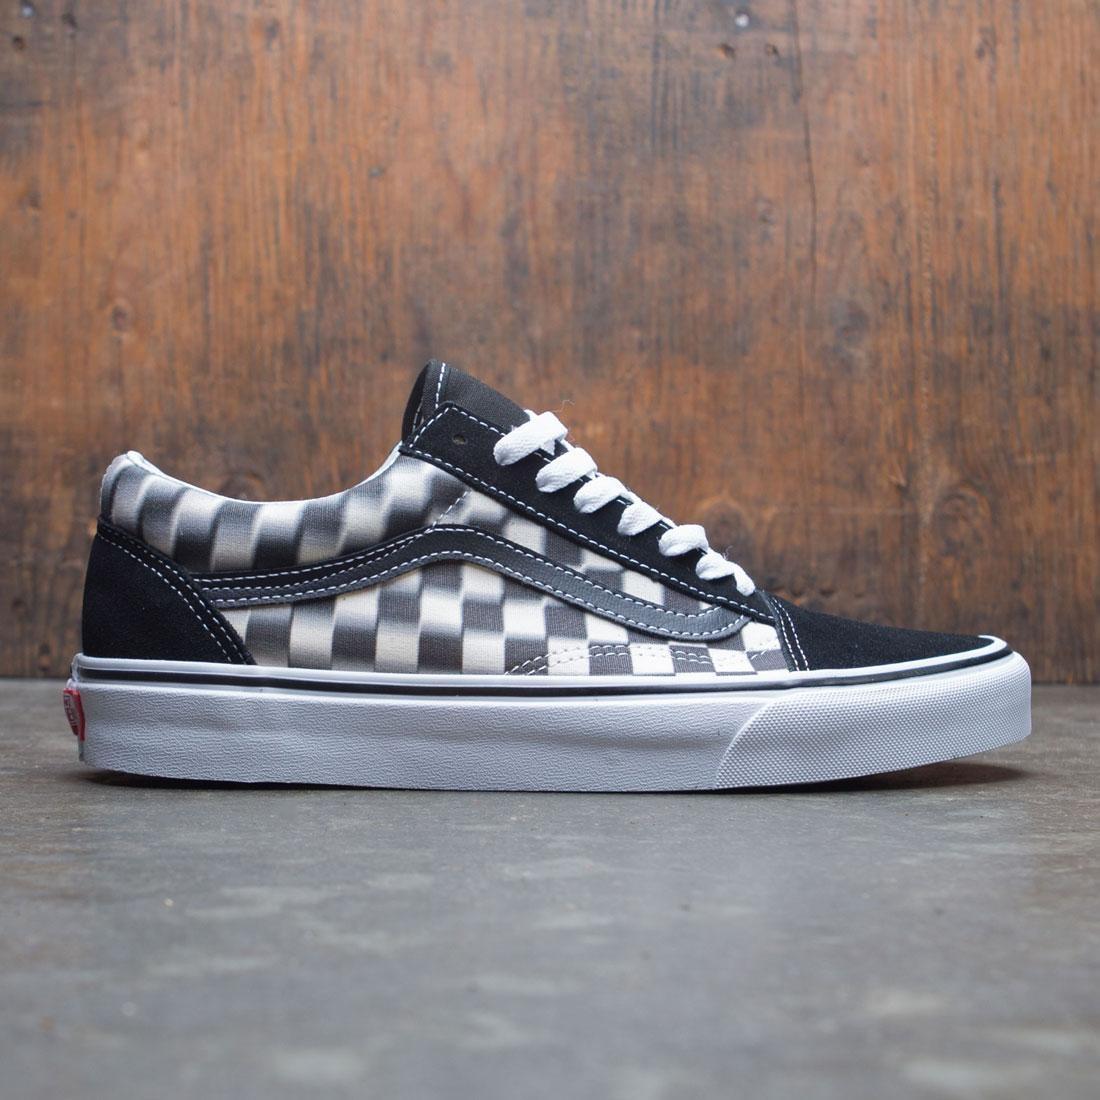 Vans Men Old Skool - Blur Check black white